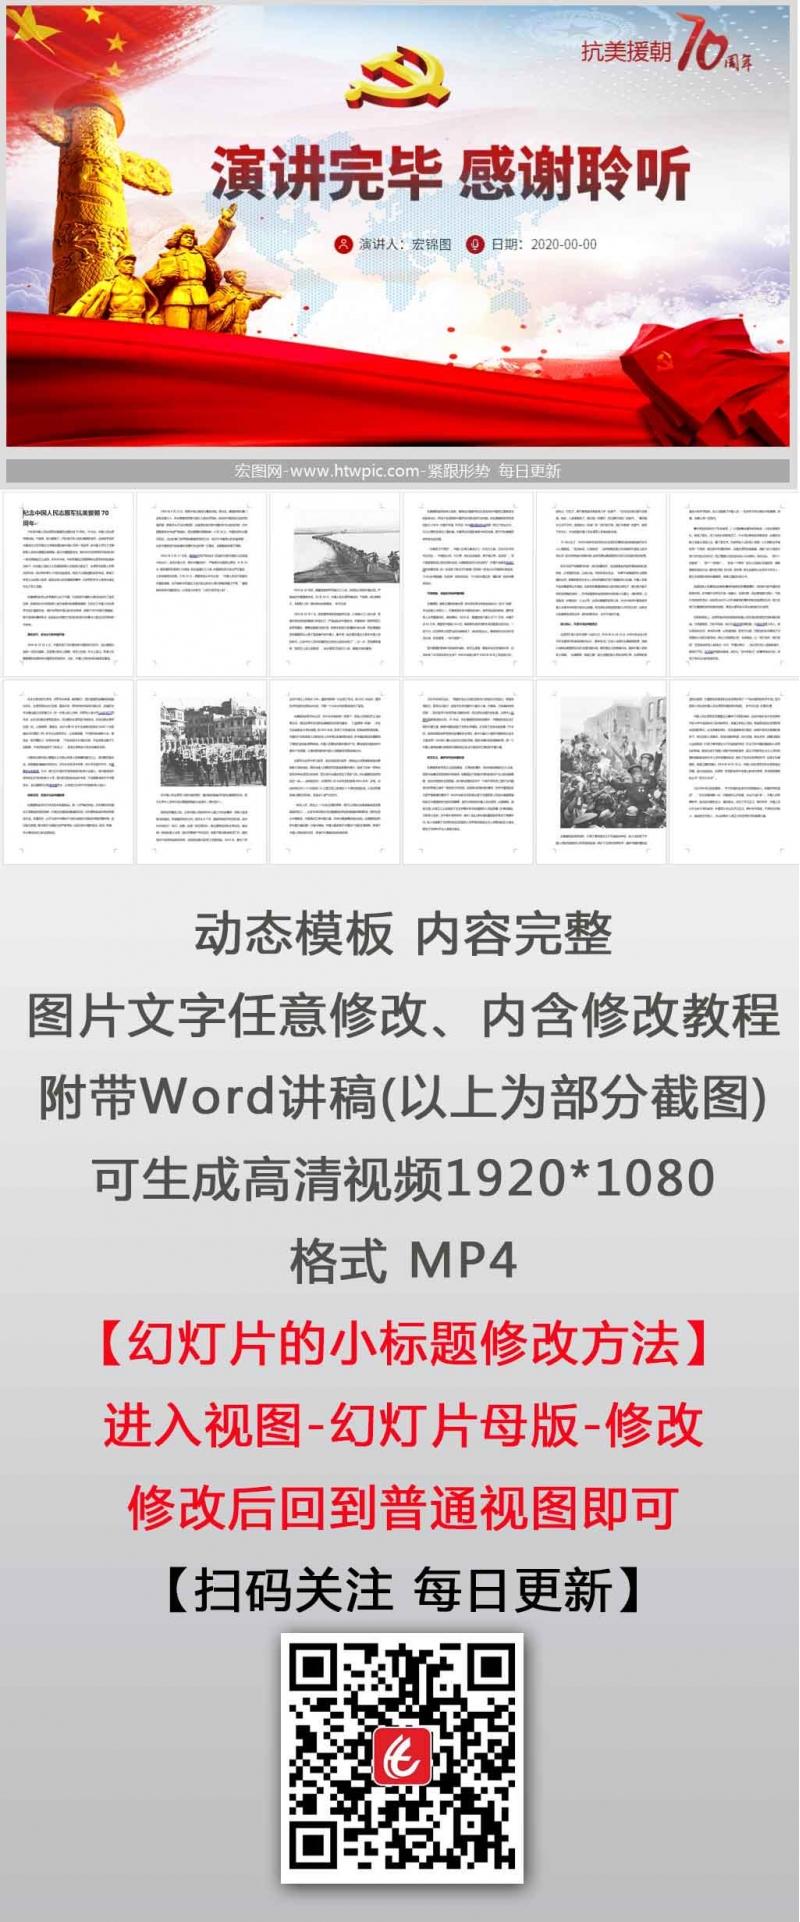 纪念中国人民志愿军抗美援朝70周年微党课讲稿PPT